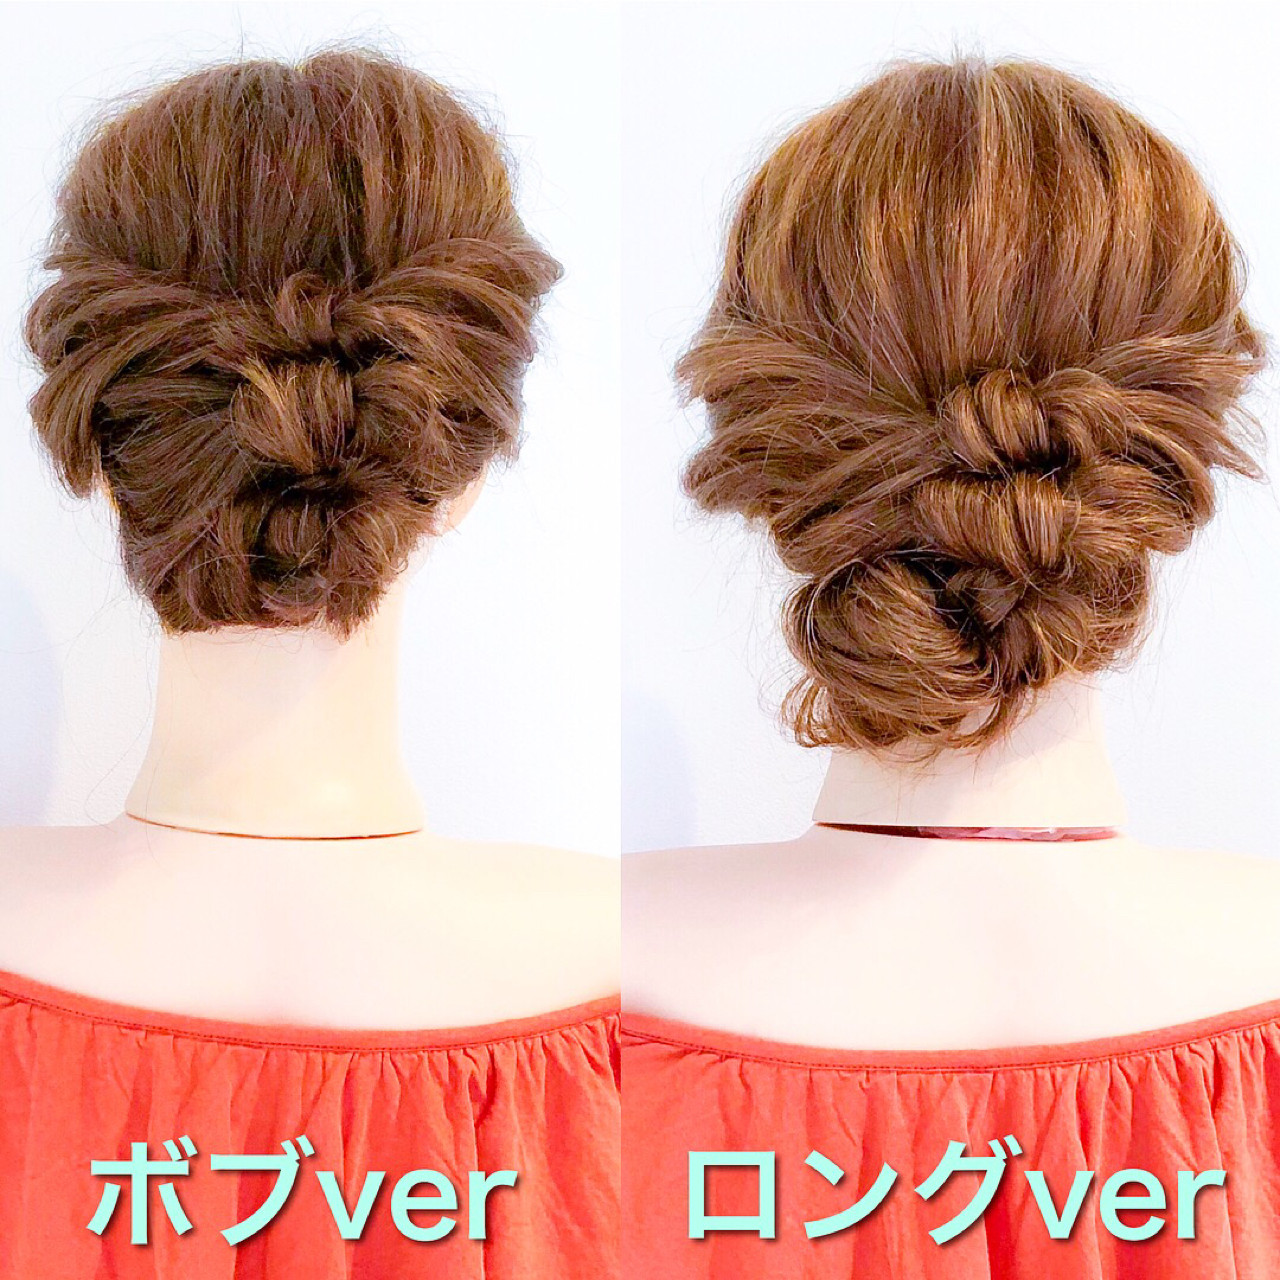 アウトドア 結婚式 簡単ヘアアレンジ フェミニン ヘアスタイルや髪型の写真・画像